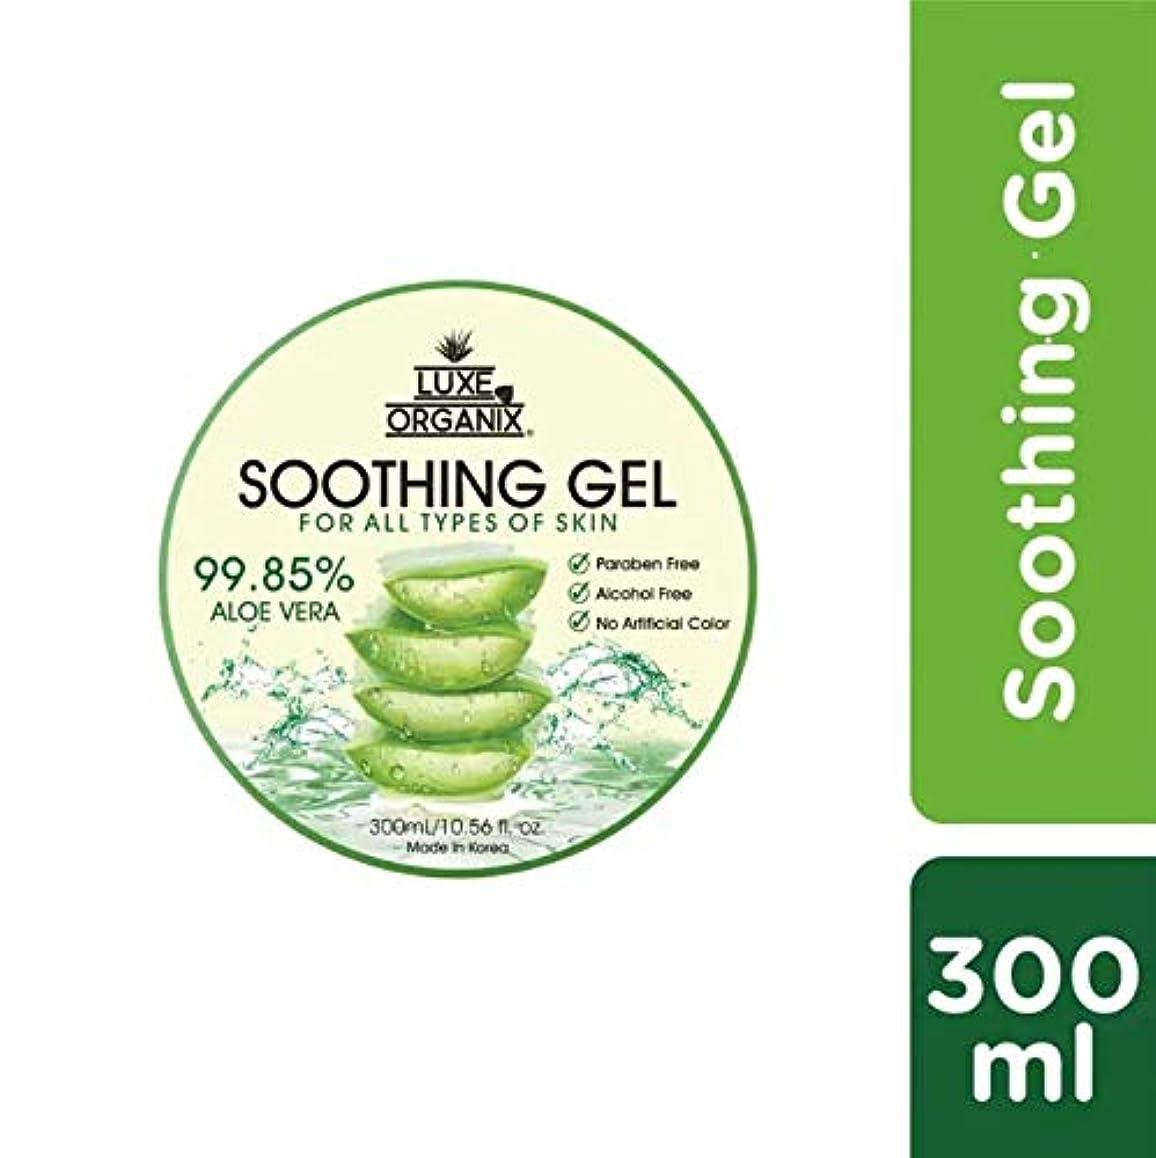 同一性売上高肯定的100% オーガニック アロエ ジェル 300ml / Luxe Organix Alovera Soothing Aloe Gel 300ml